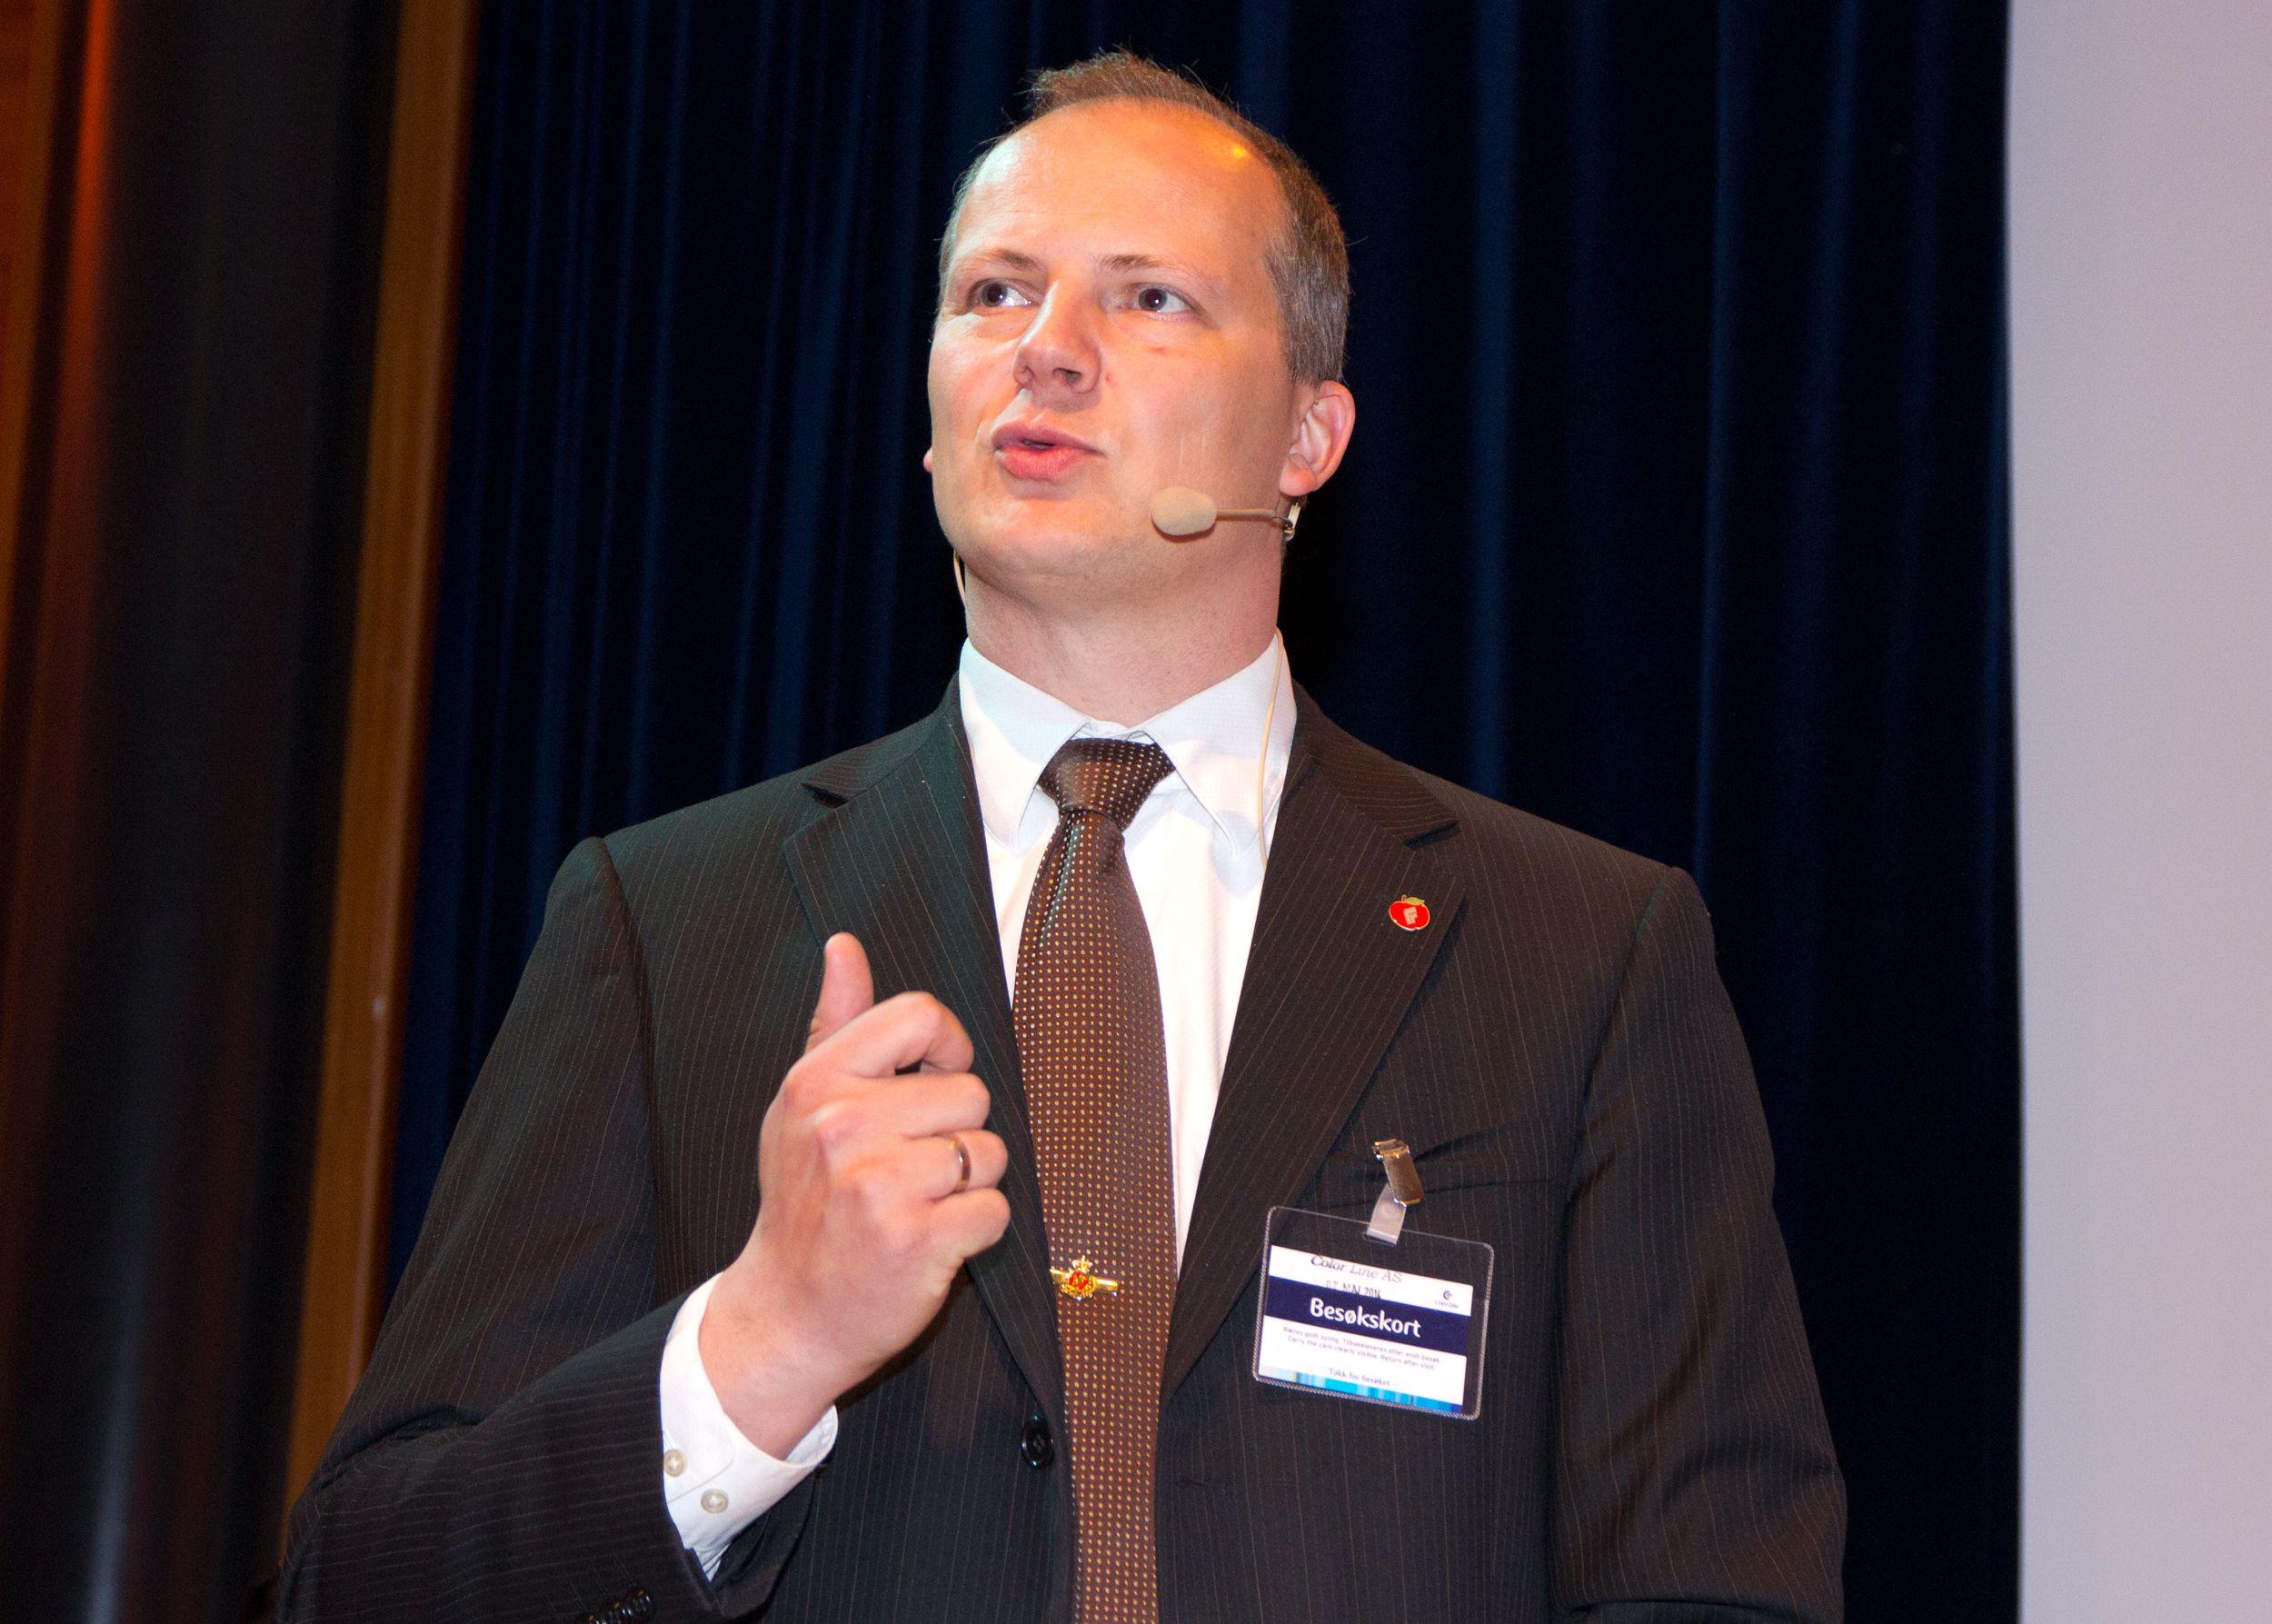 Statsråd Ketil Solvik-Olsen vil gjøre regelverket enklere.Foto: Rolf B. Wegner, Hardware.no